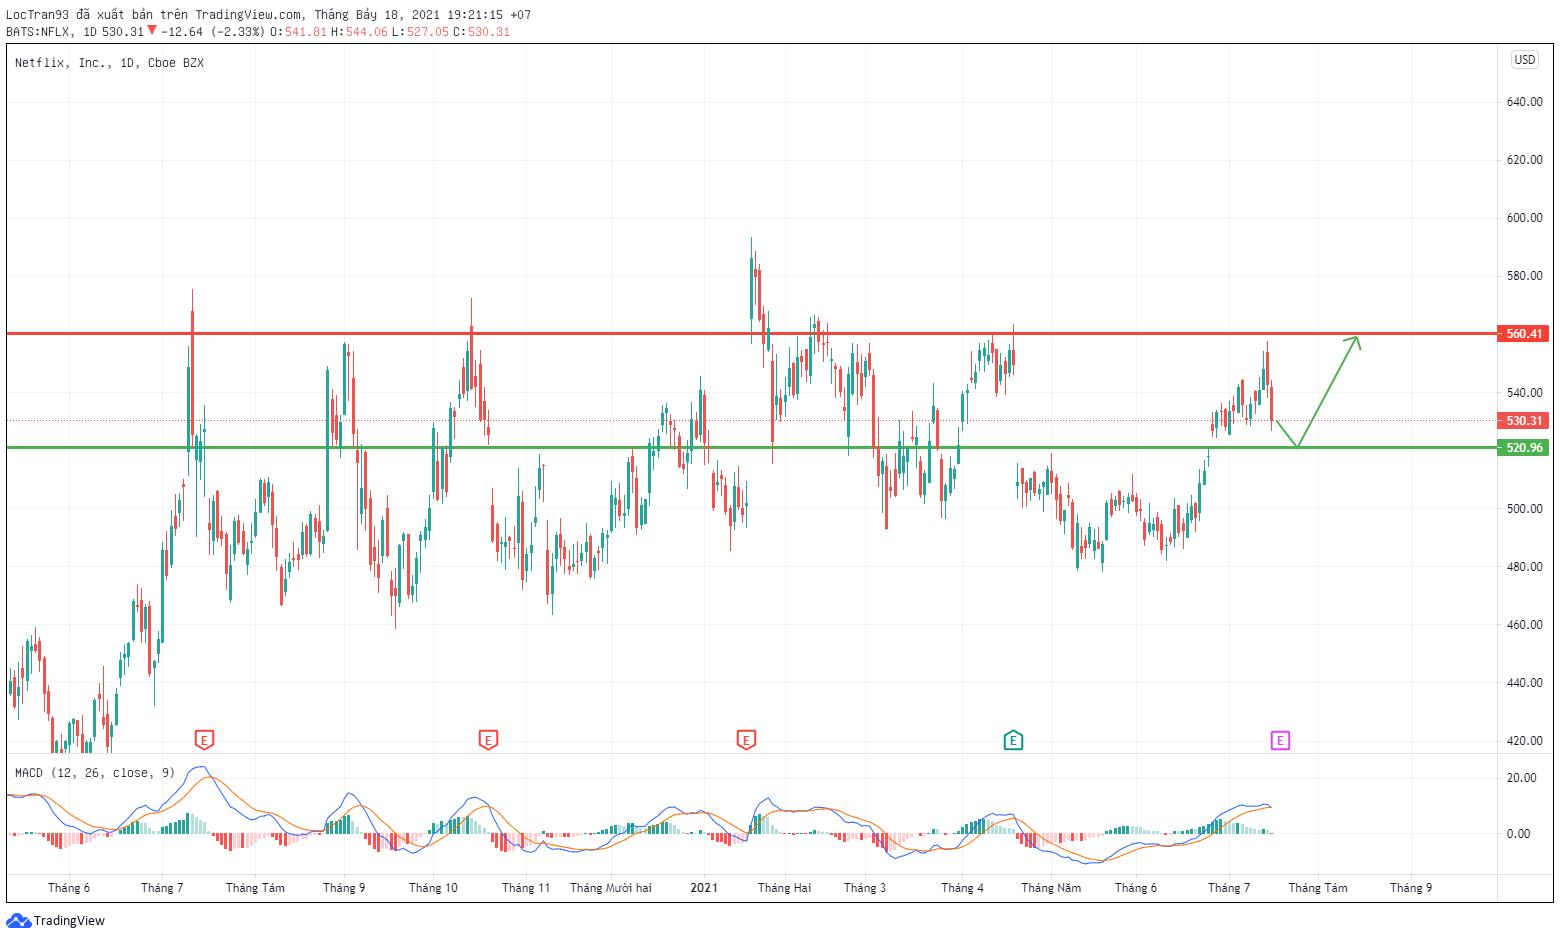 Cổ phiếu NLFX đang trong giai đoạn đi ngang